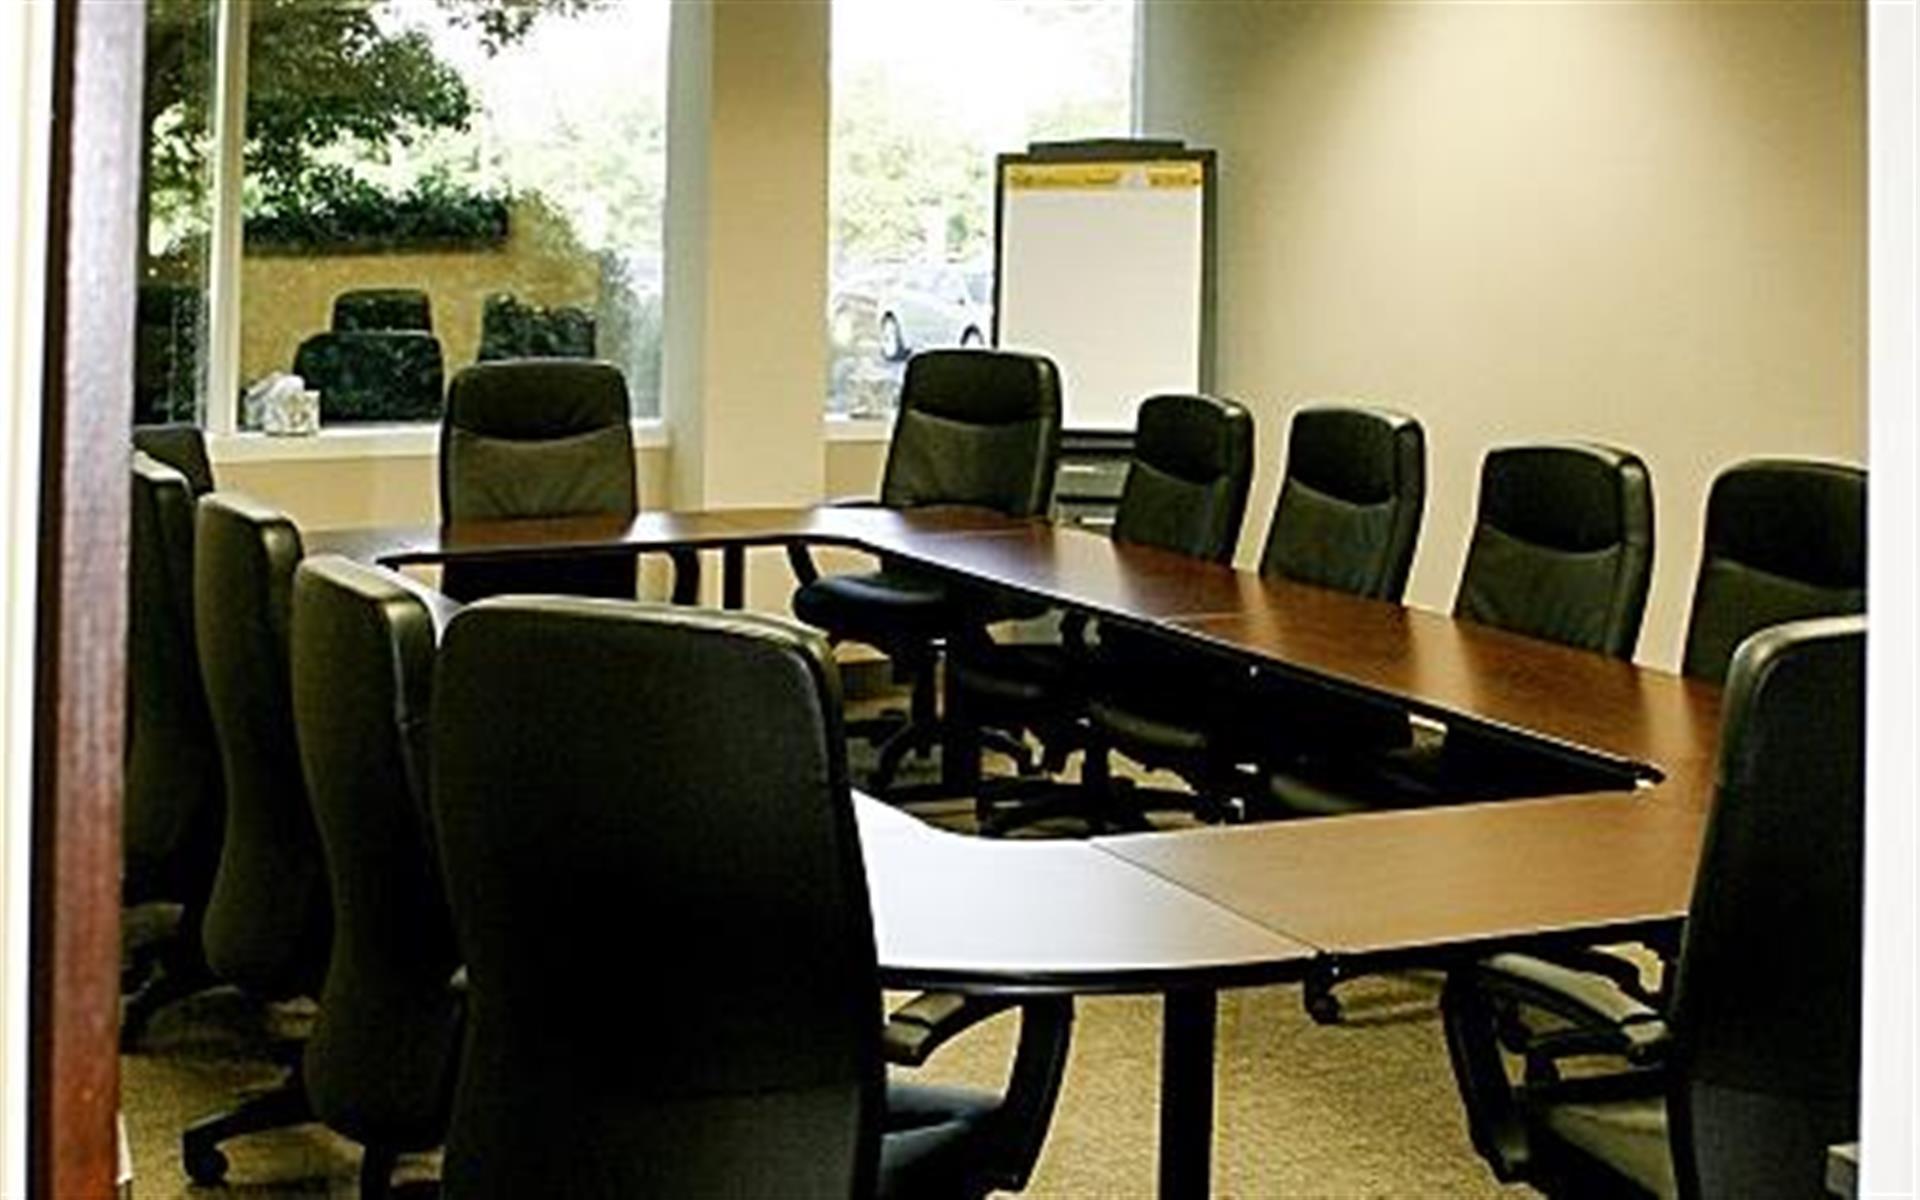 Atrium Executive Center, Mt. Laurel, NJ - Boardroom  123